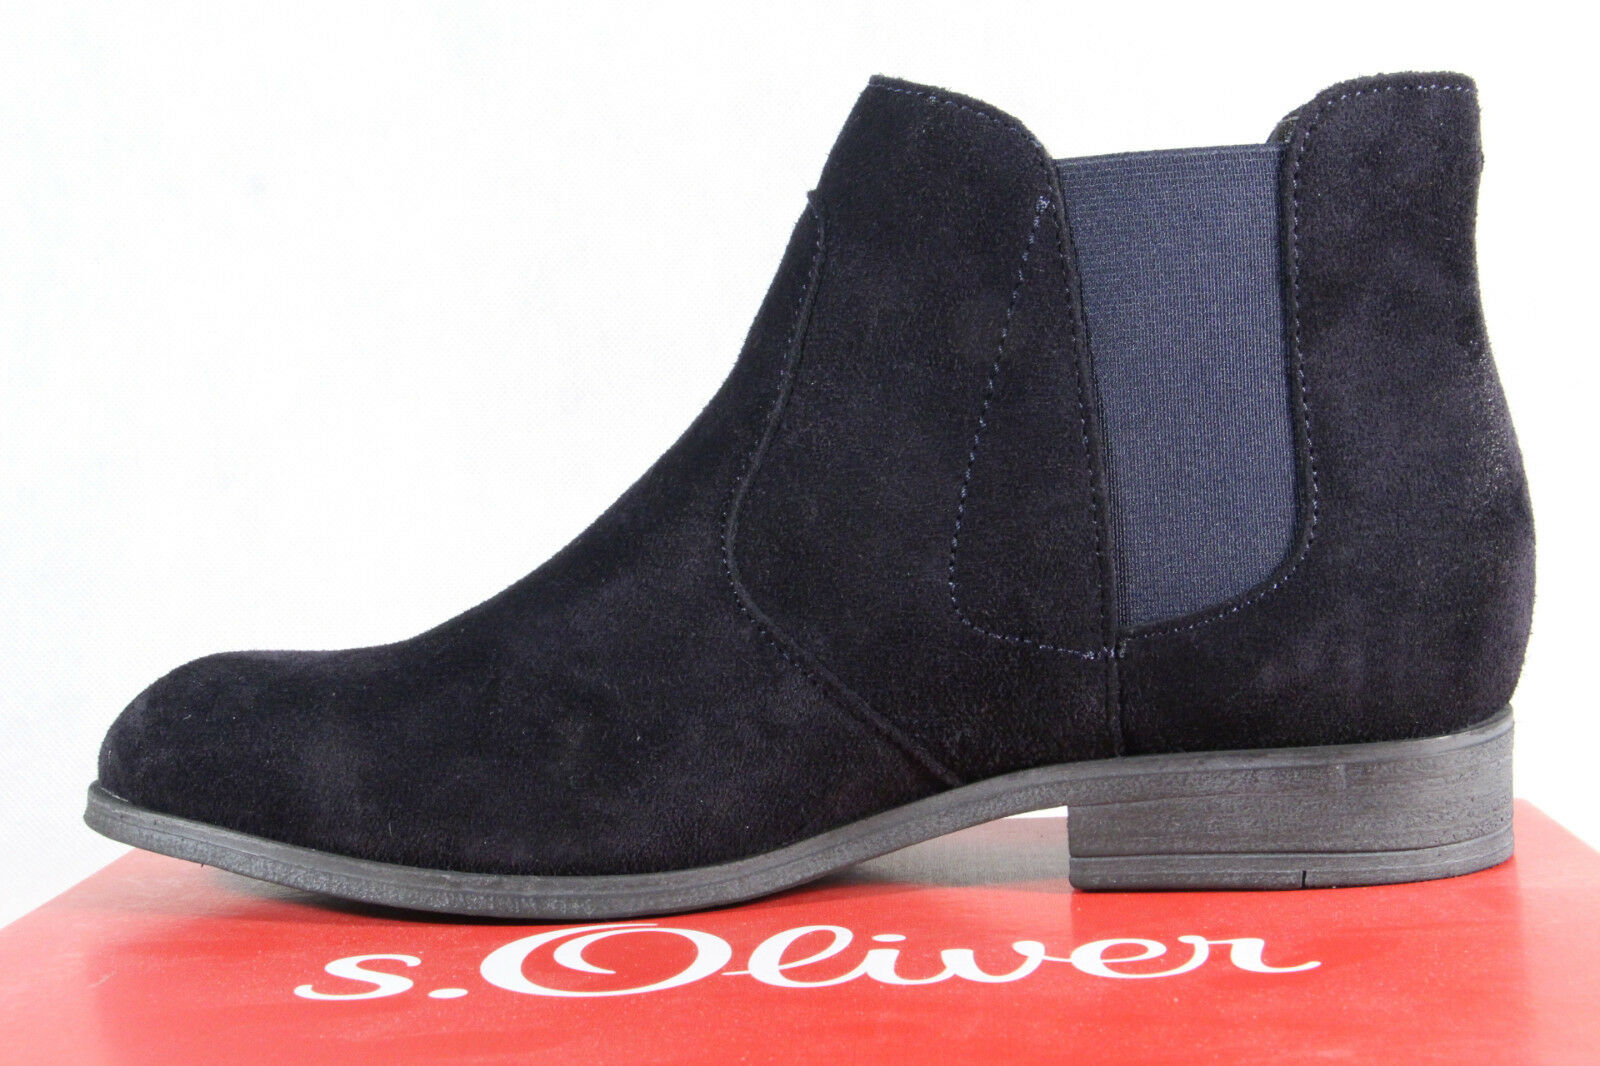 cfd8b53b2c6f ... S.Oliver Damen Stiefel Stiefelette Stiefel Schlupfstiefel blau  Echtleder Stiefel NEU 59405b ...